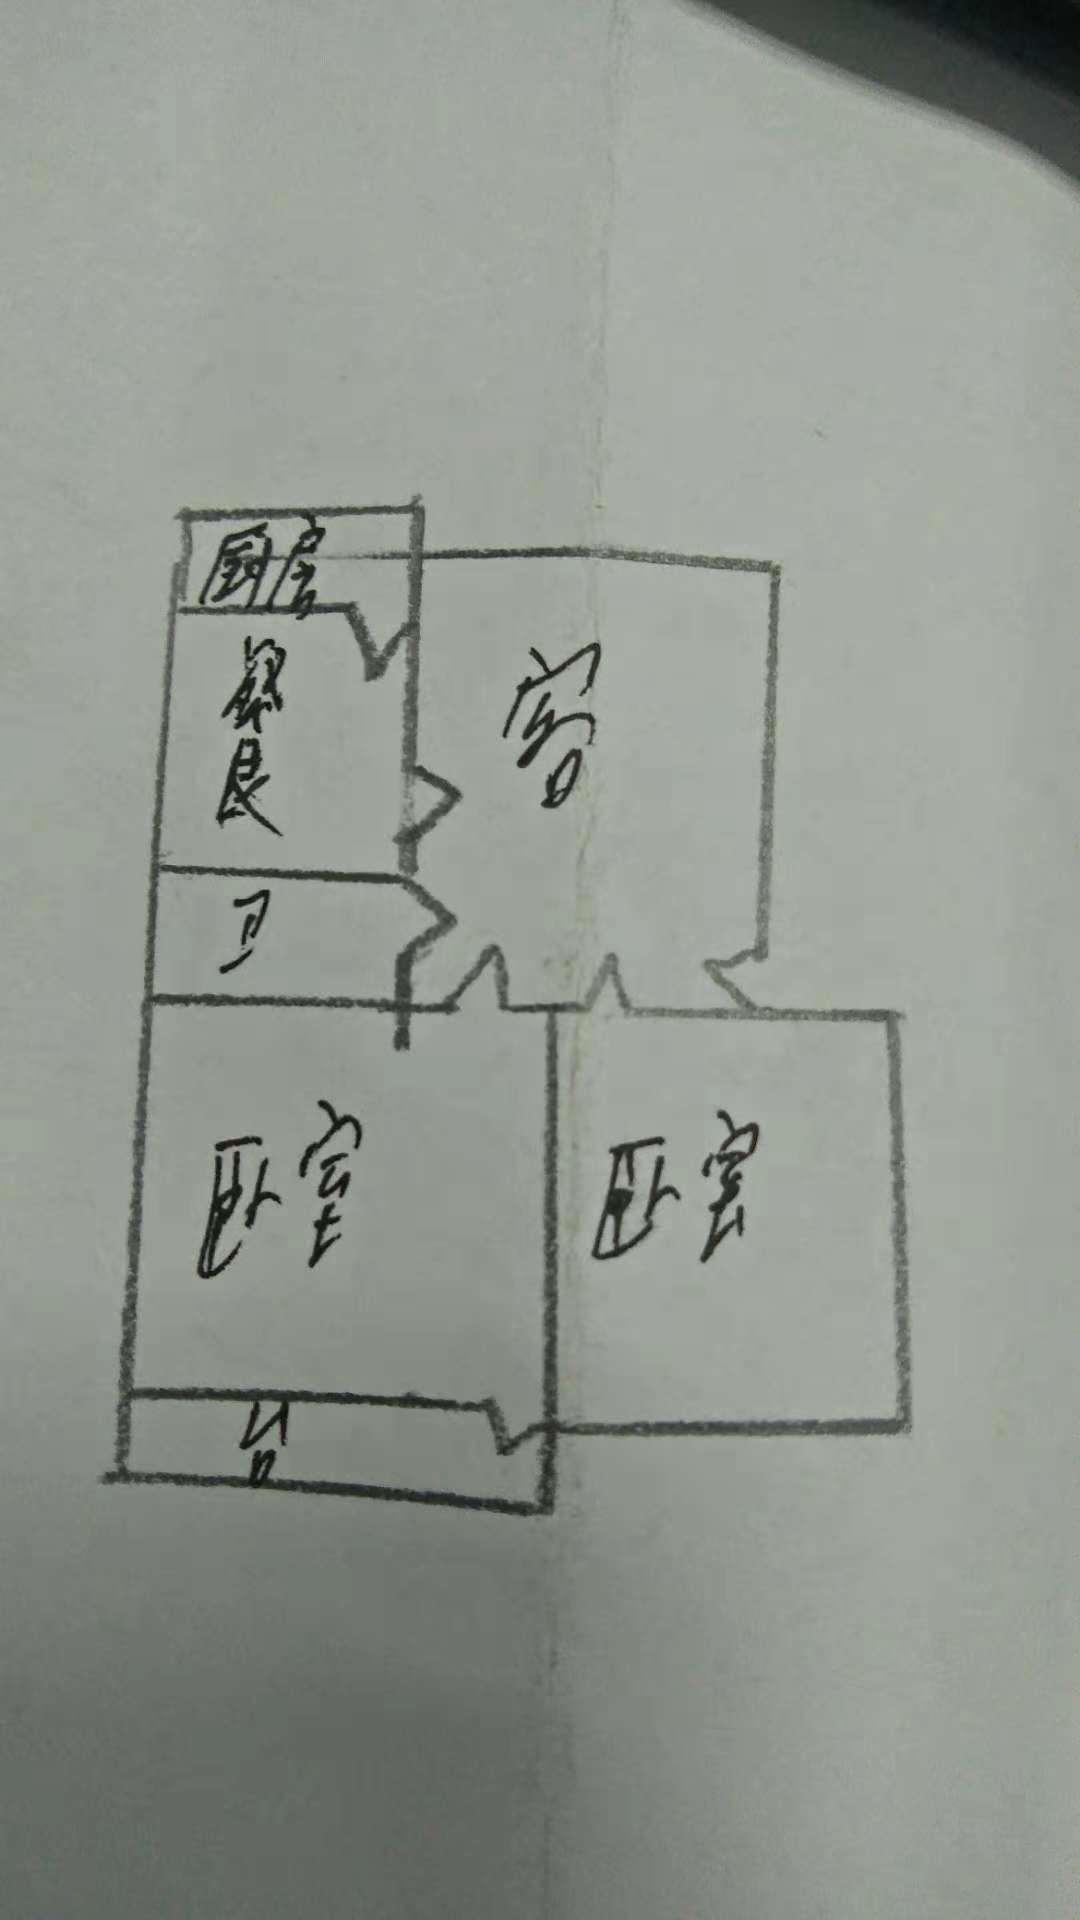 丰华小区 2室2厅 6楼